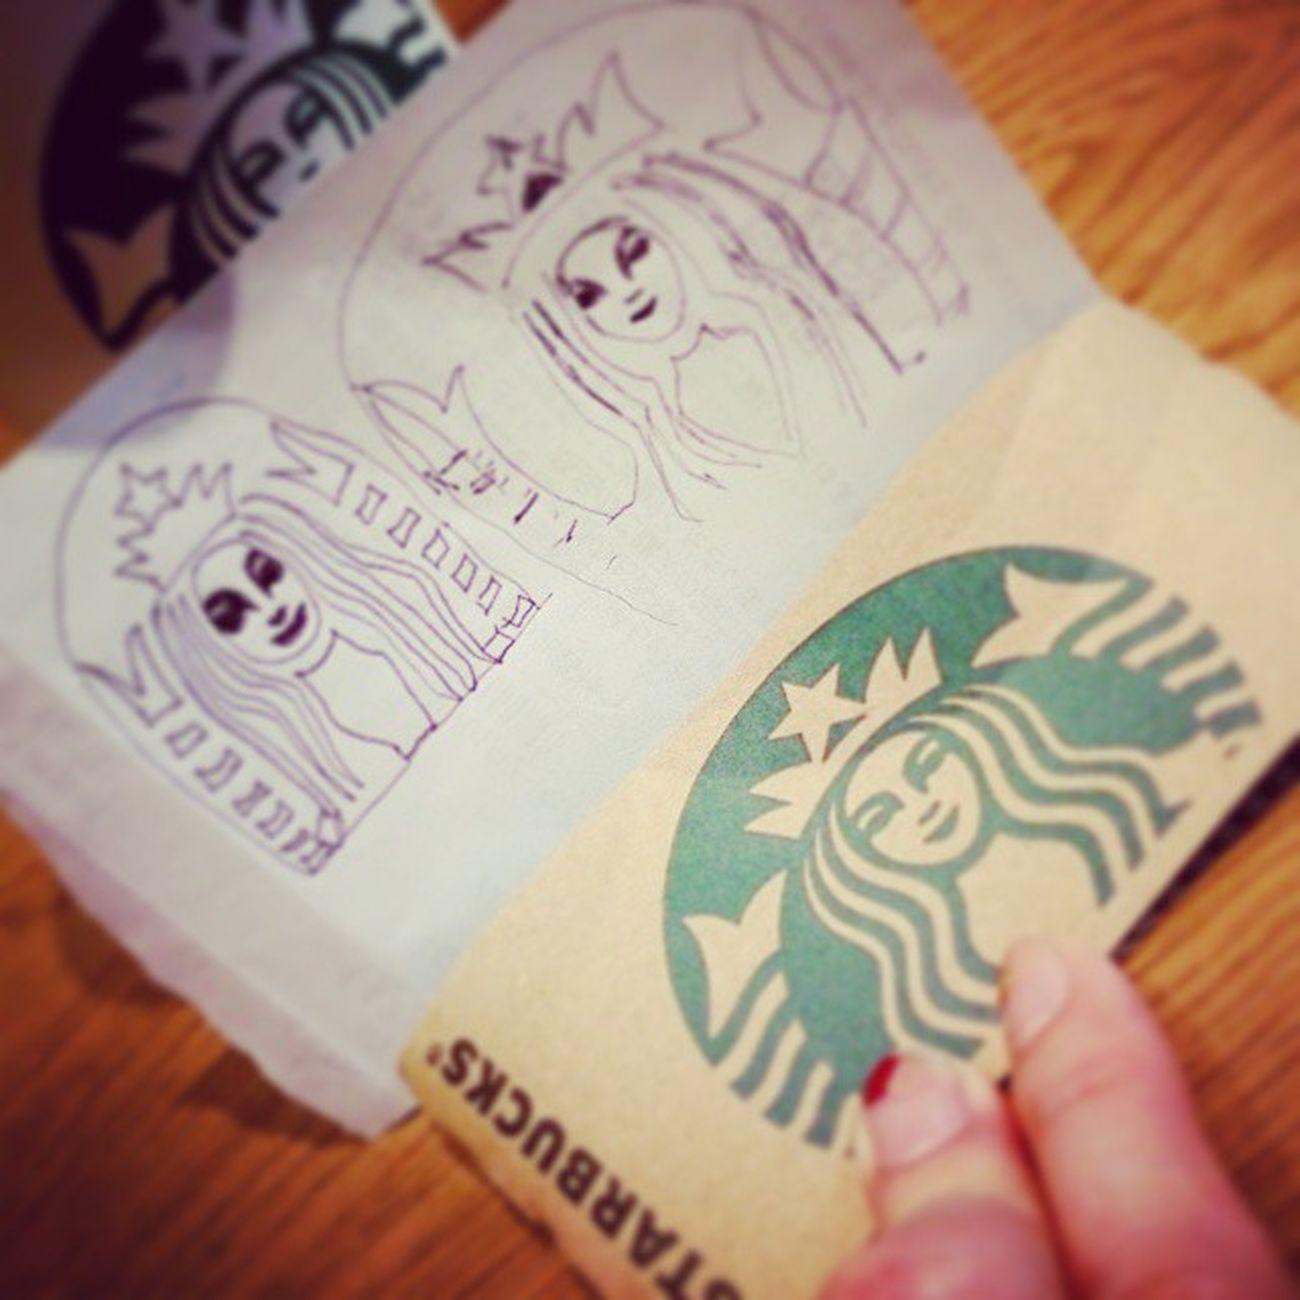 STARBUCKSなんば御堂筋グランドヒル店で再び画伯誕生 2015年バージョン(笑) しかし画伯は途中で描く気力が失せてしまう(笑) 2015年もよろしくね画伯~♪ Starbucks なんば御堂筋グランドヒル店 カフェラテ 画伯 Art これはこれでart 落書き